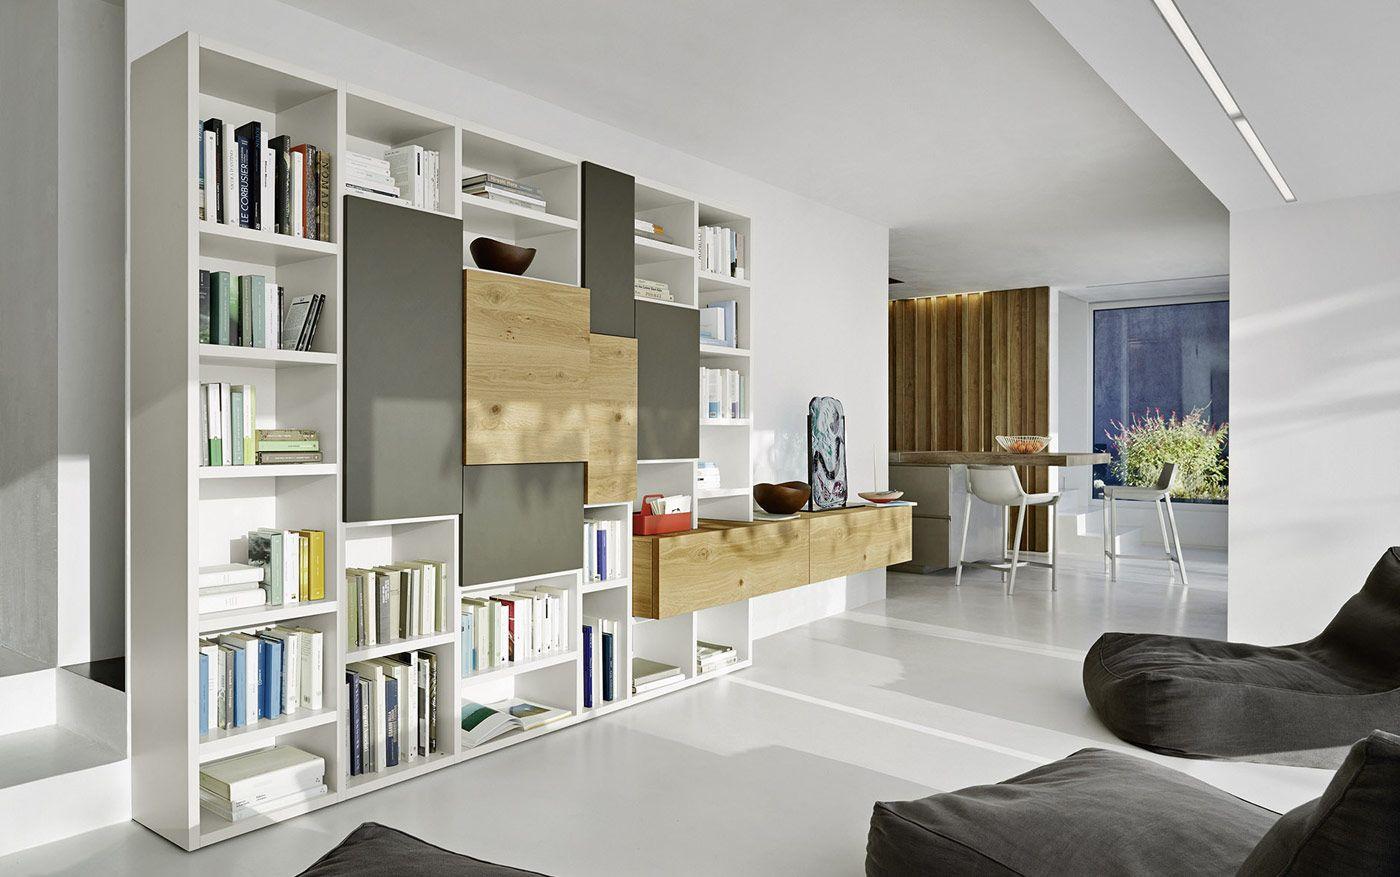 Wohnzimmermöbel designermöbel  Modo System M5C53 - Möbel / Wohnzimmermöbel / Möbel für Unterhaltu ...